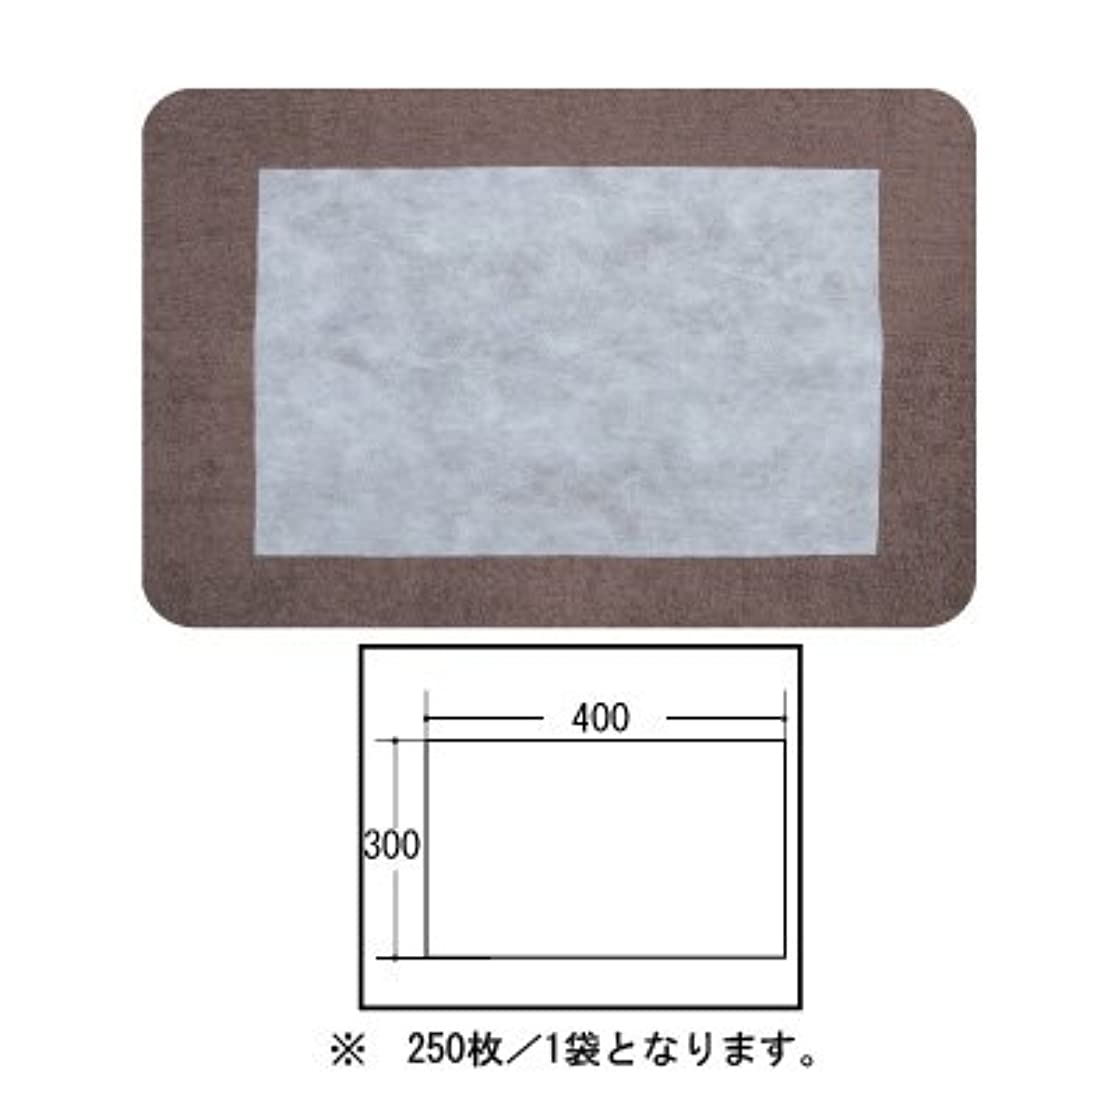 最終的にせっかち無声で(ロータス)LOTUS 日本製 ピロカバー カット無し 250枚入 業務用 マルチな不織布カバー